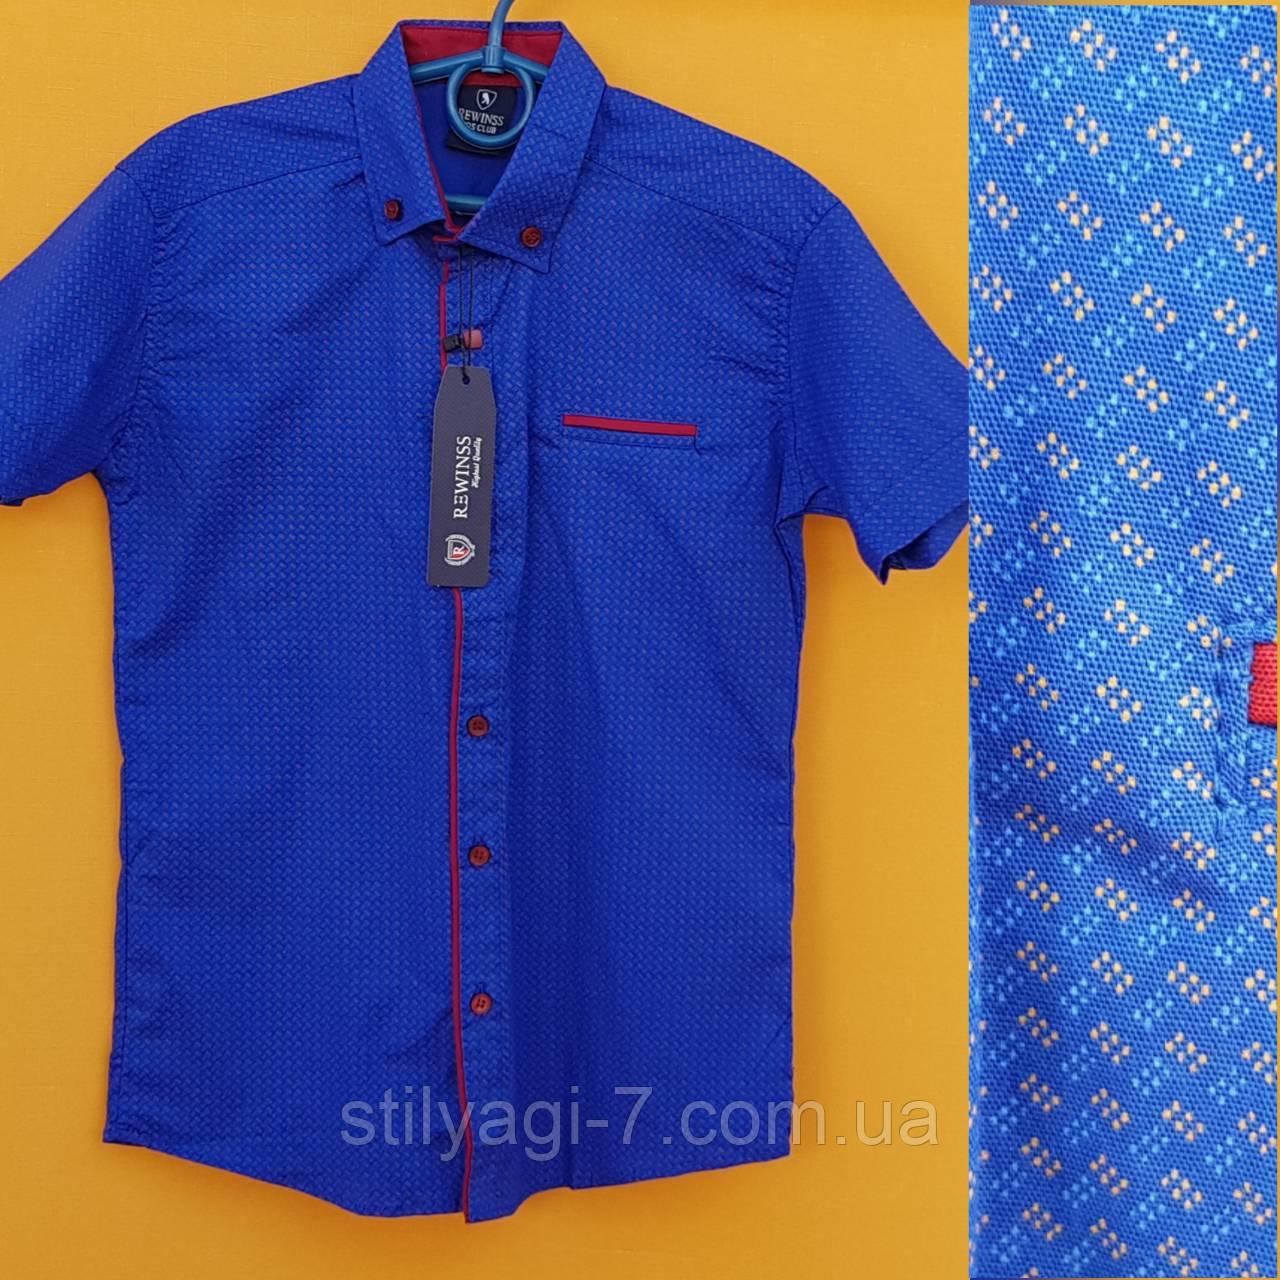 Сорочка на хлопчика 12-16 років синього кольору з окантовкою з короким рукавом оптом